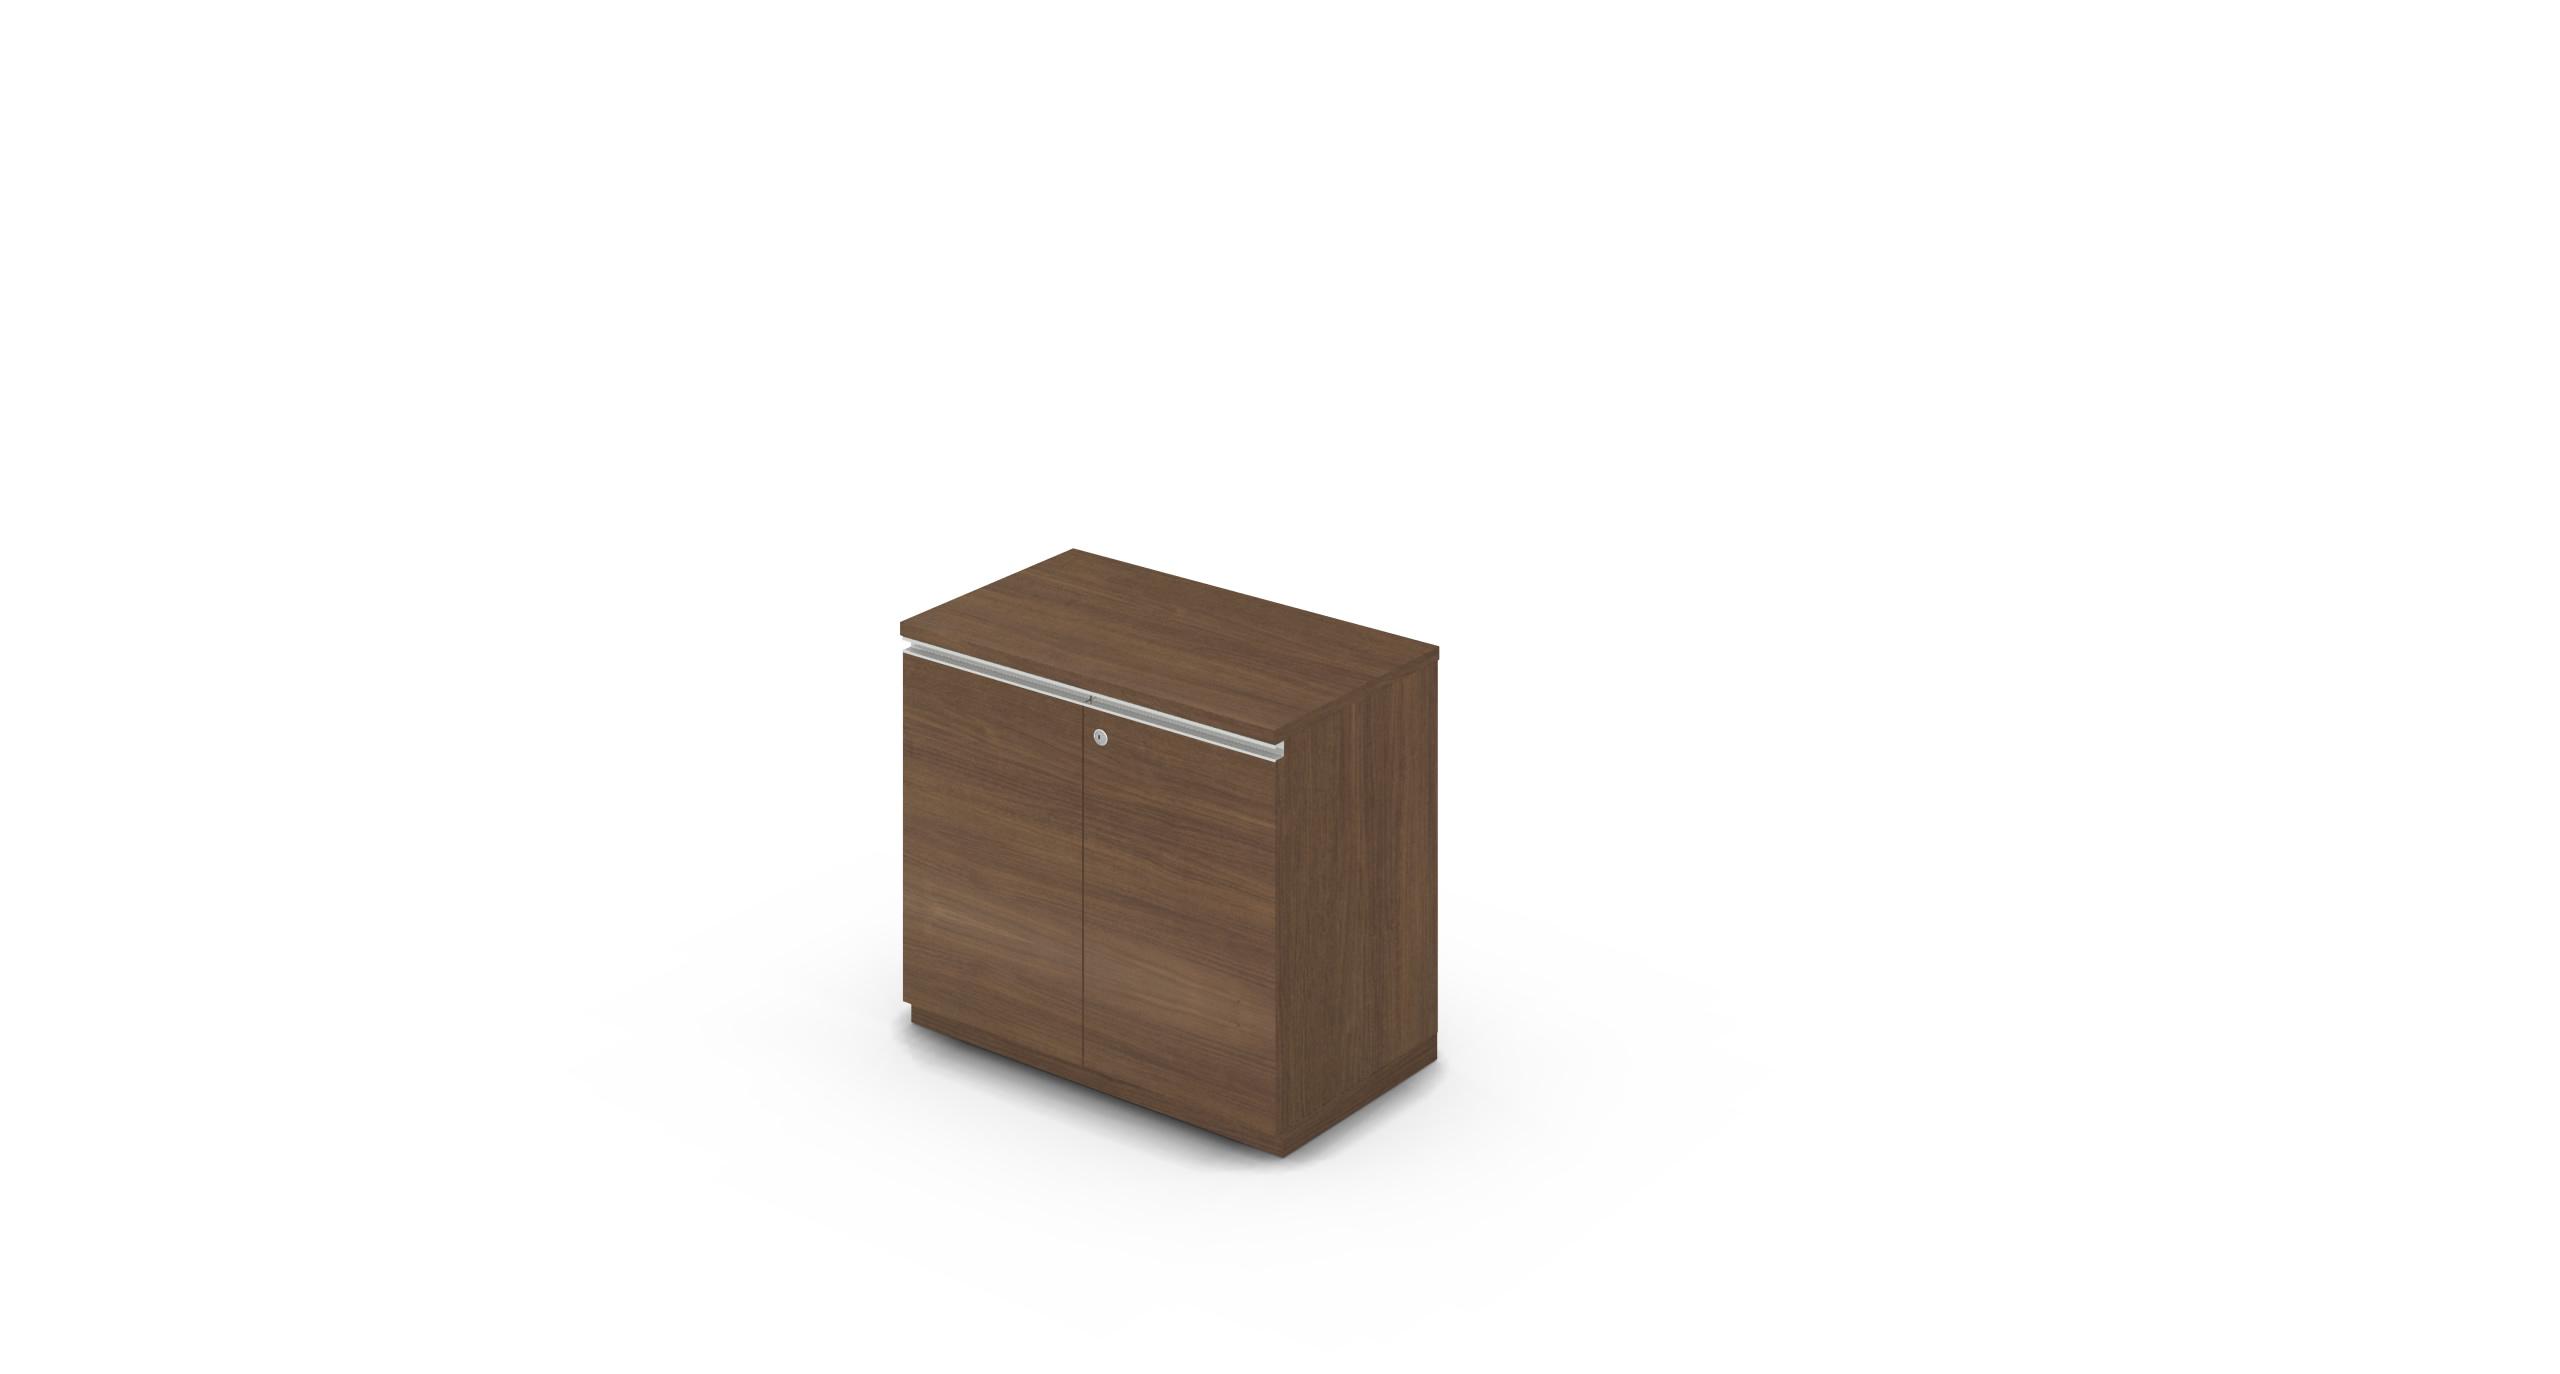 Cabinet_800x450x775_HD_Walnut_Rail_WithCylinder